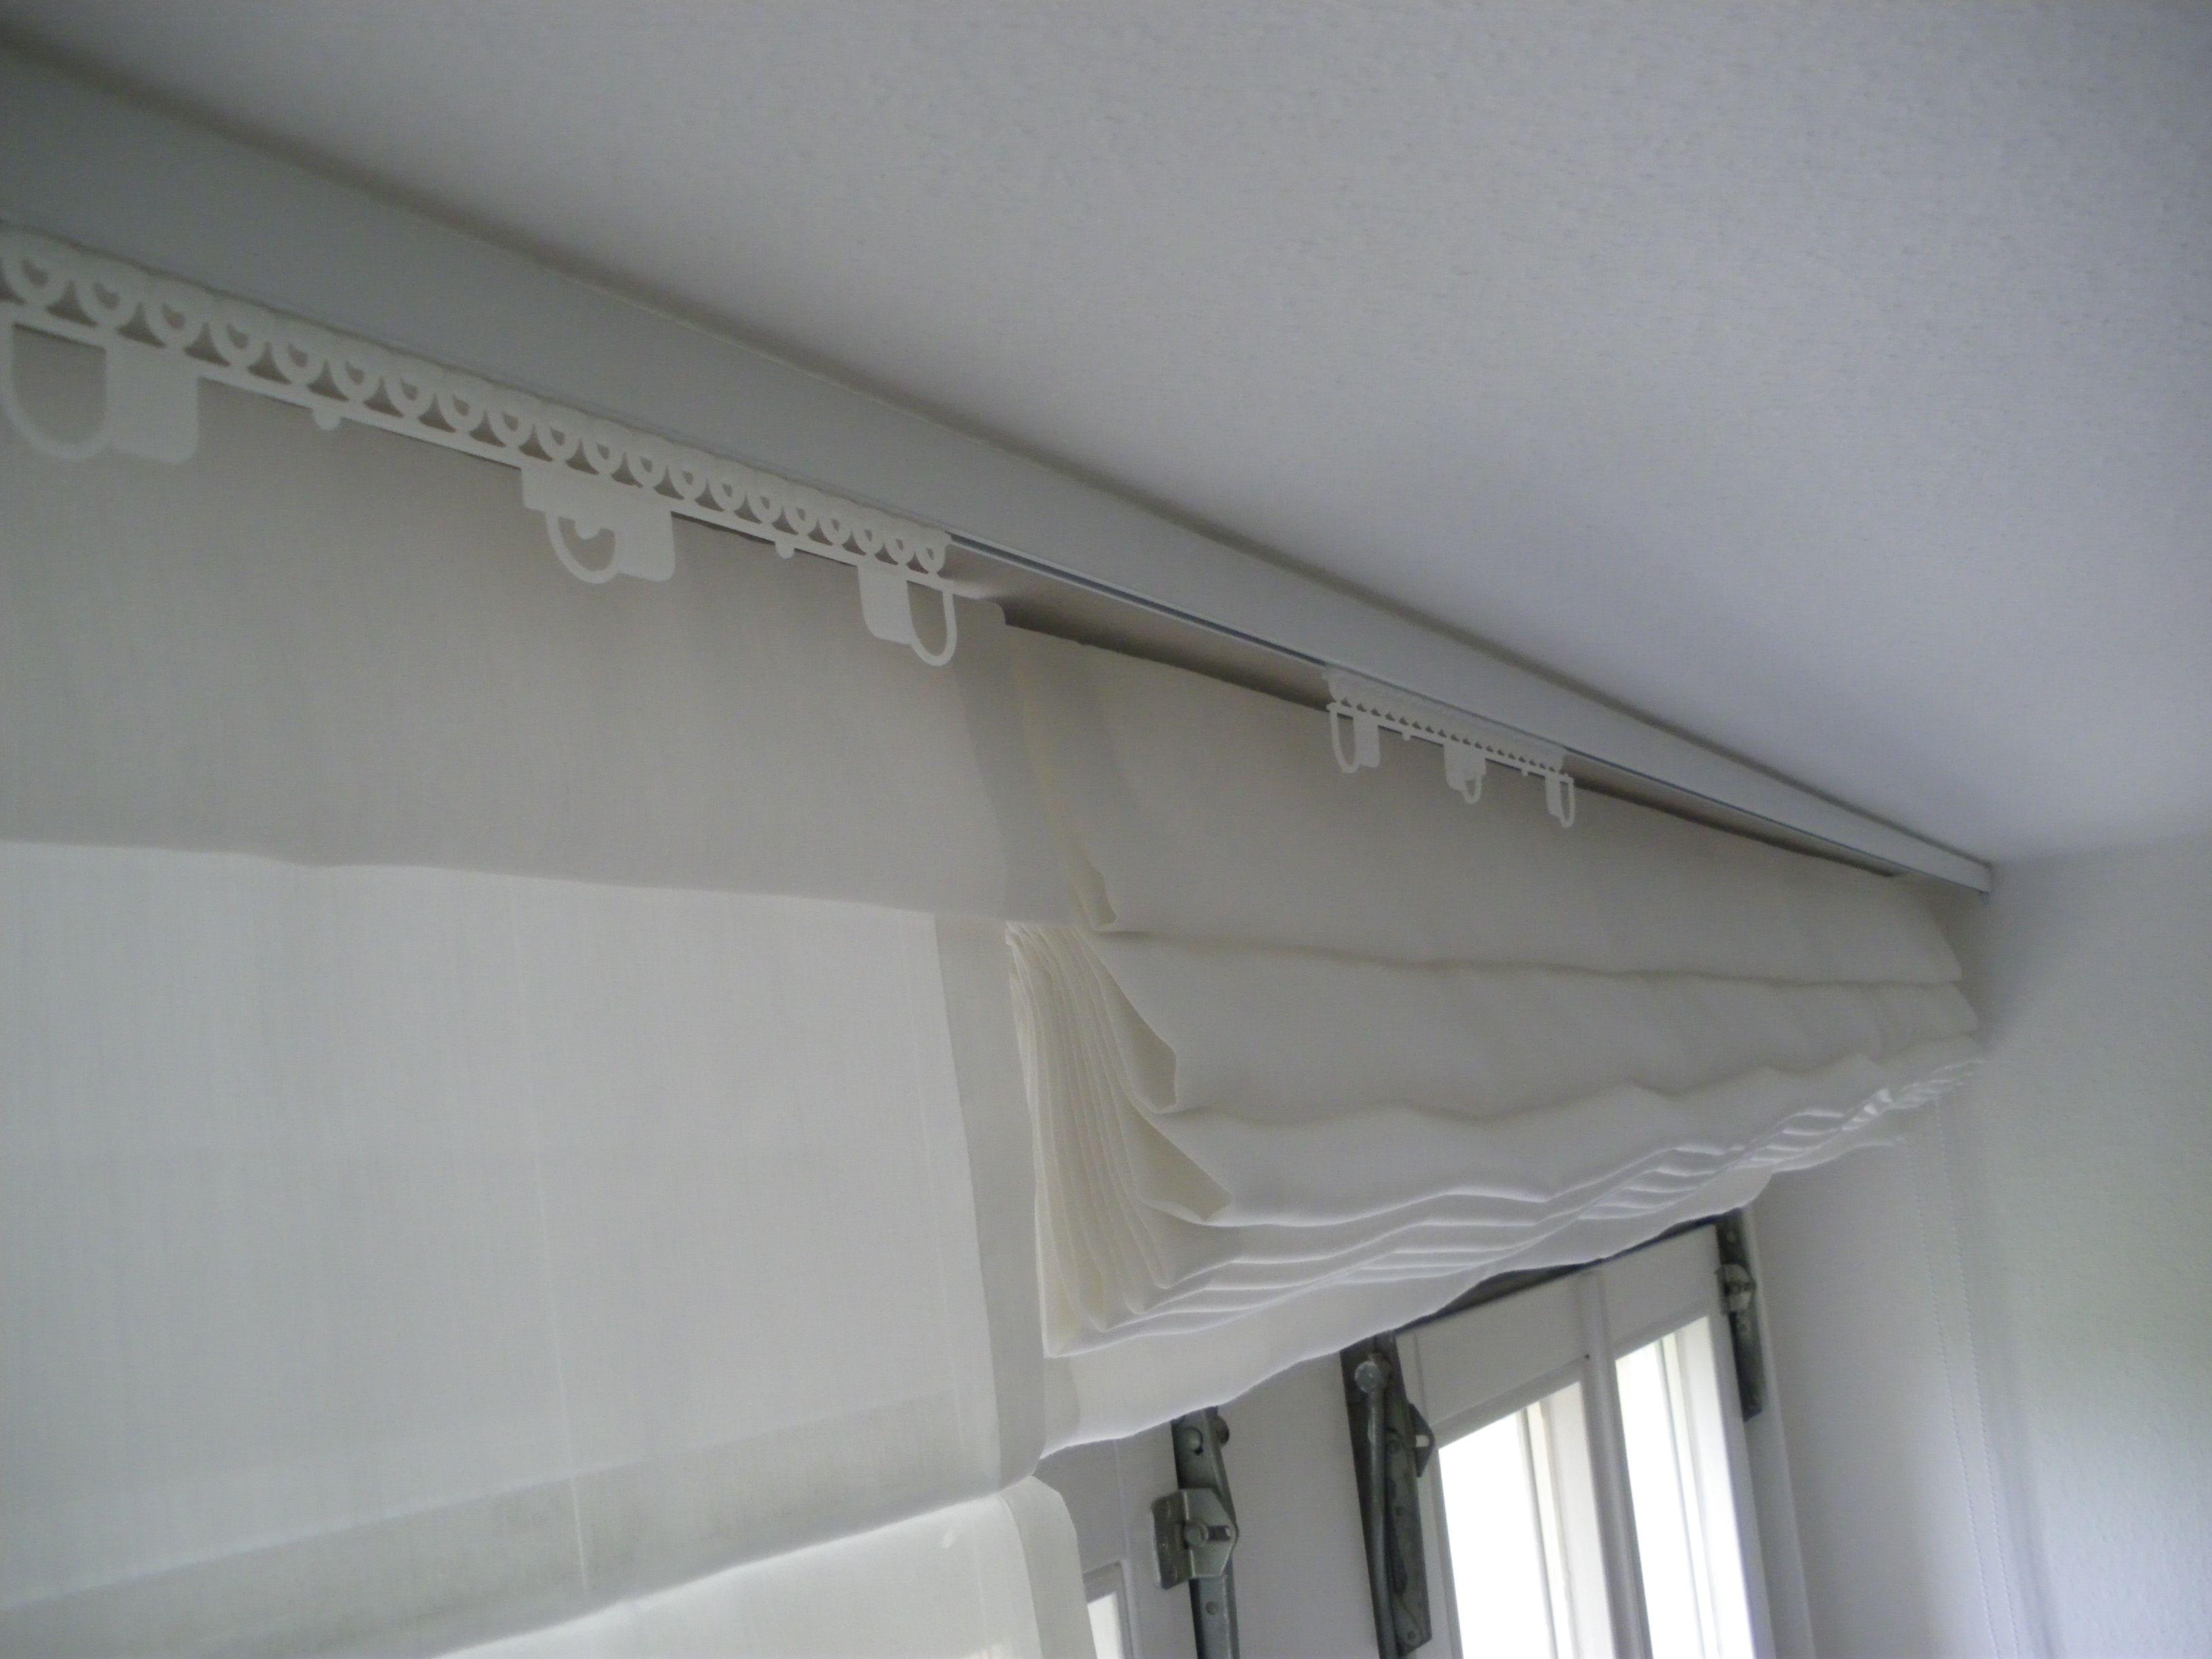 raffrollo frisch auf das system gebracht im vorderen lauf der gardinenschiene sind gleiter. Black Bedroom Furniture Sets. Home Design Ideas